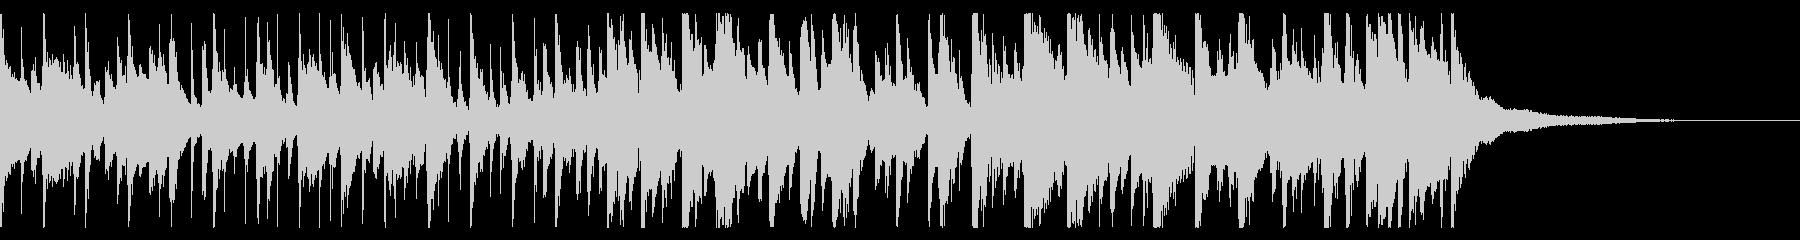 オシャレな雰囲気のジャズサンバの未再生の波形